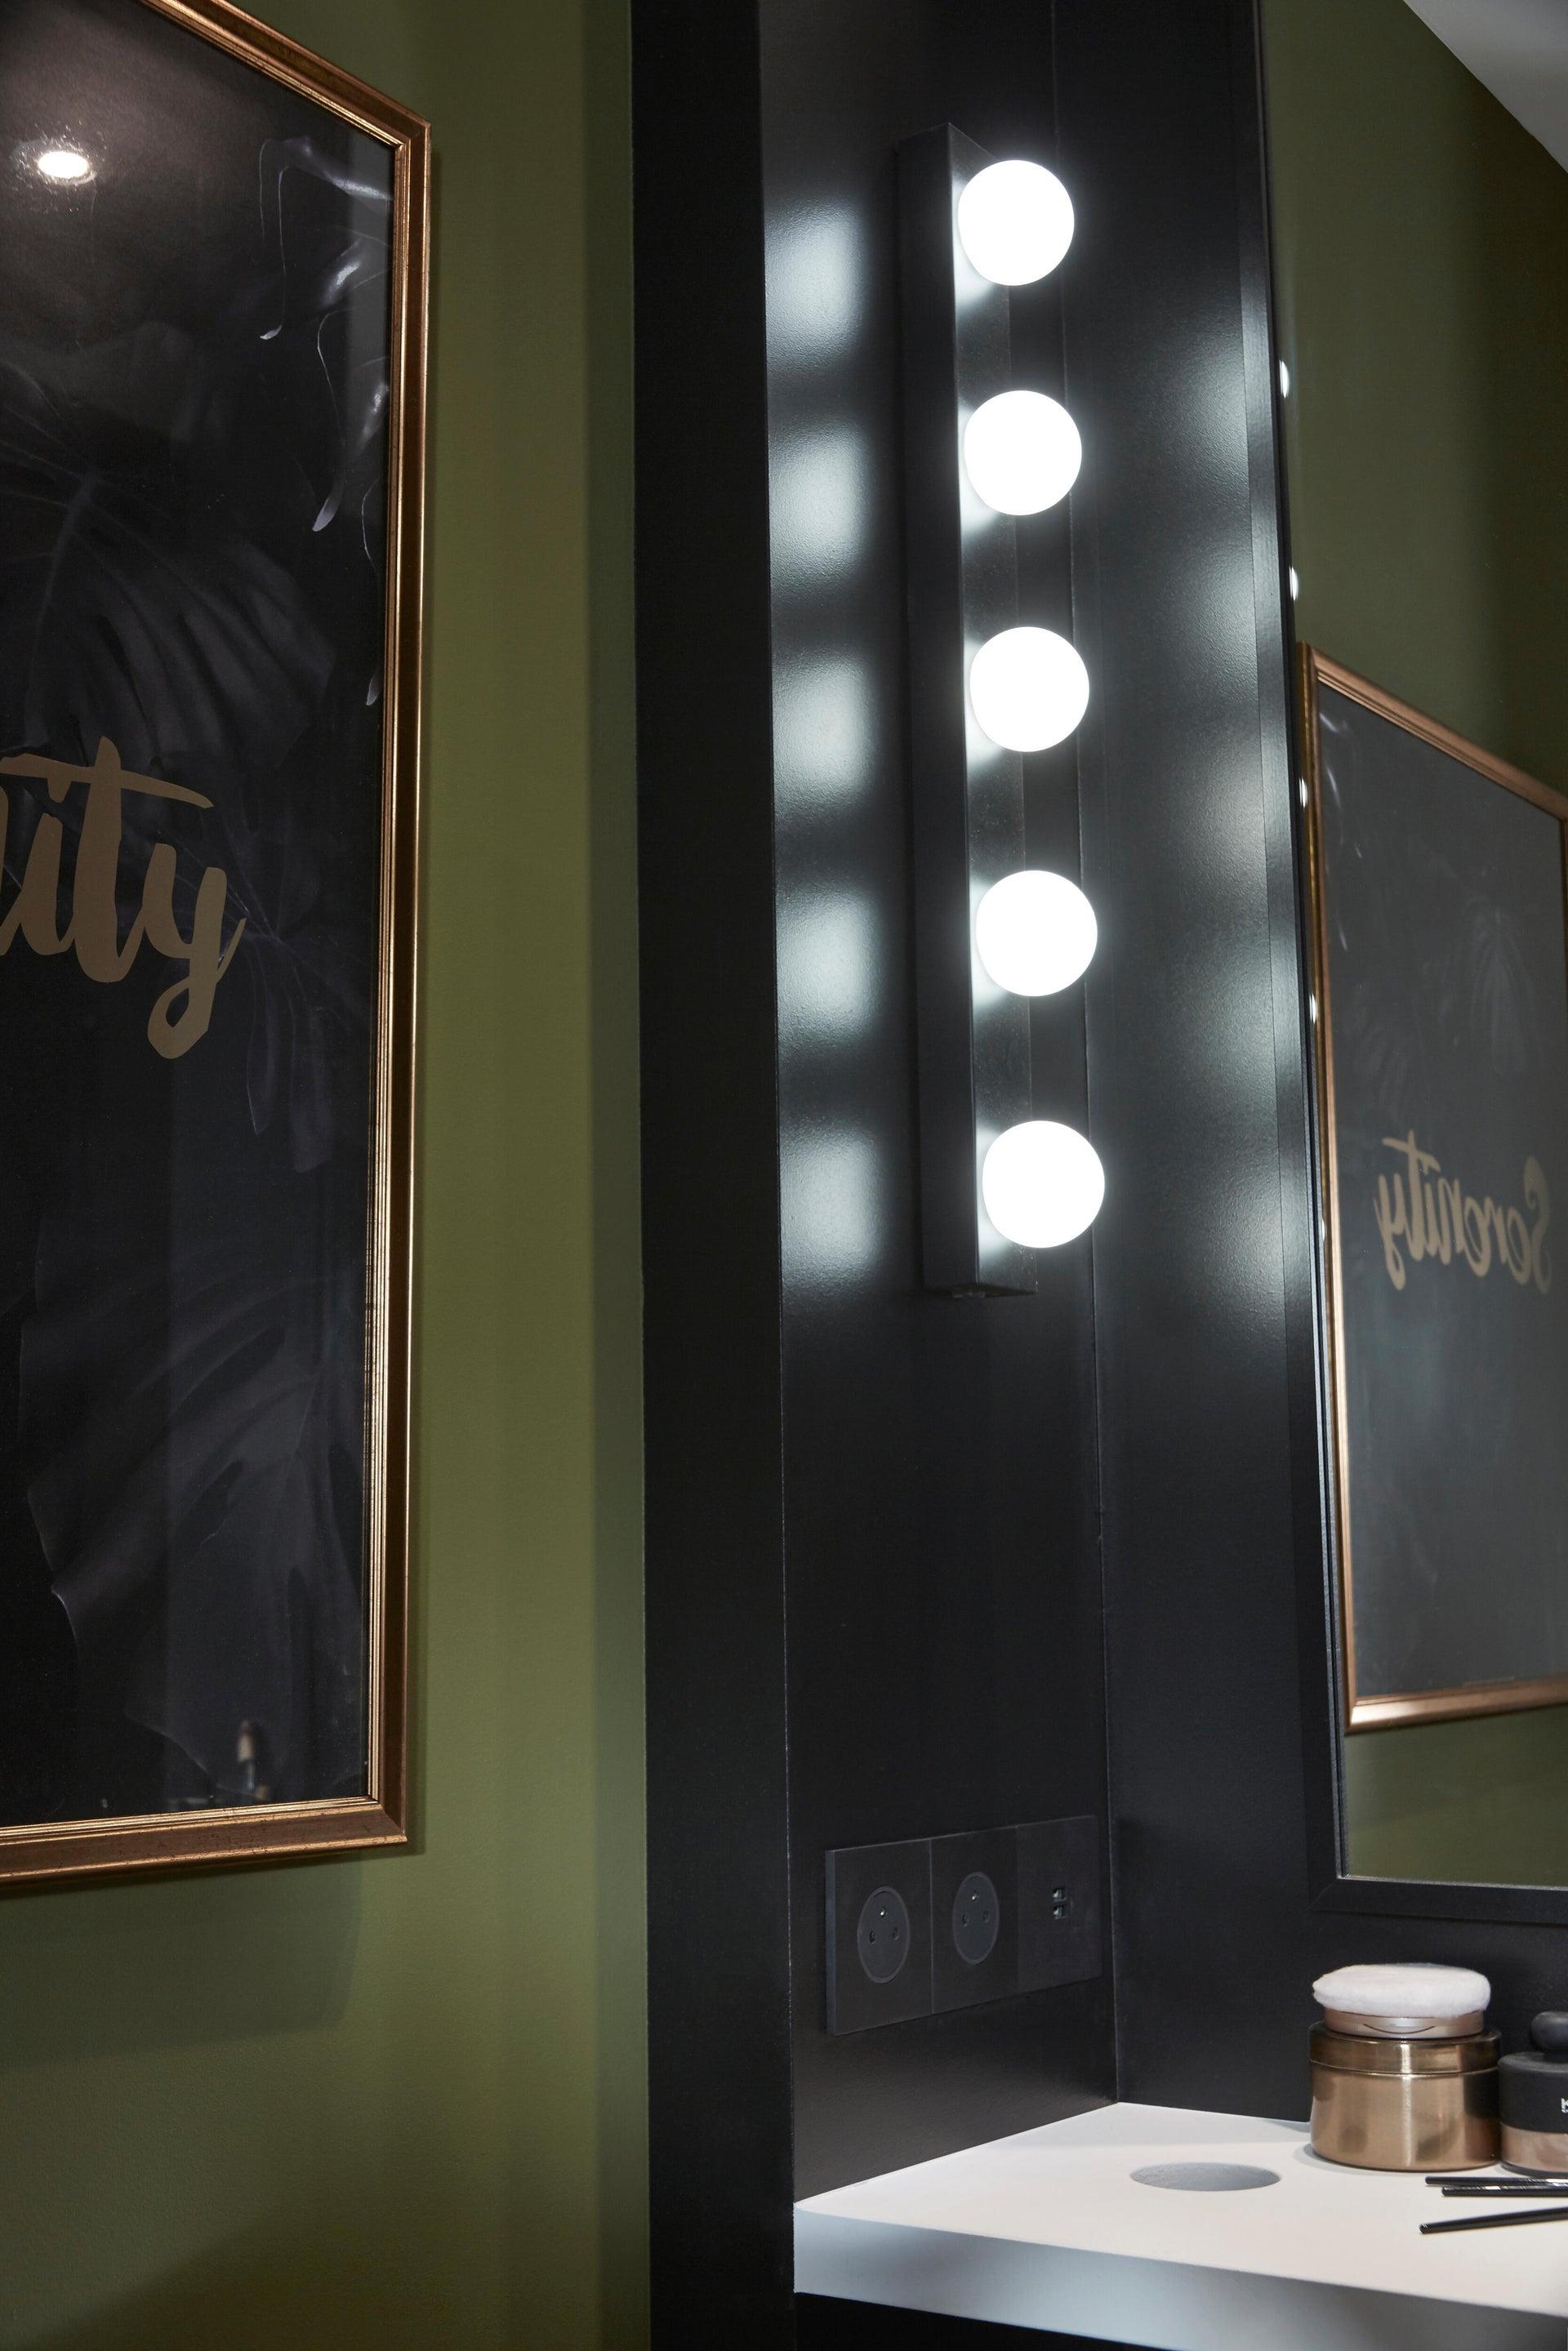 Applique moderno Smila LED integrato nero, in metallo, 60x60 cm, 5 luci INSPIRE - 4